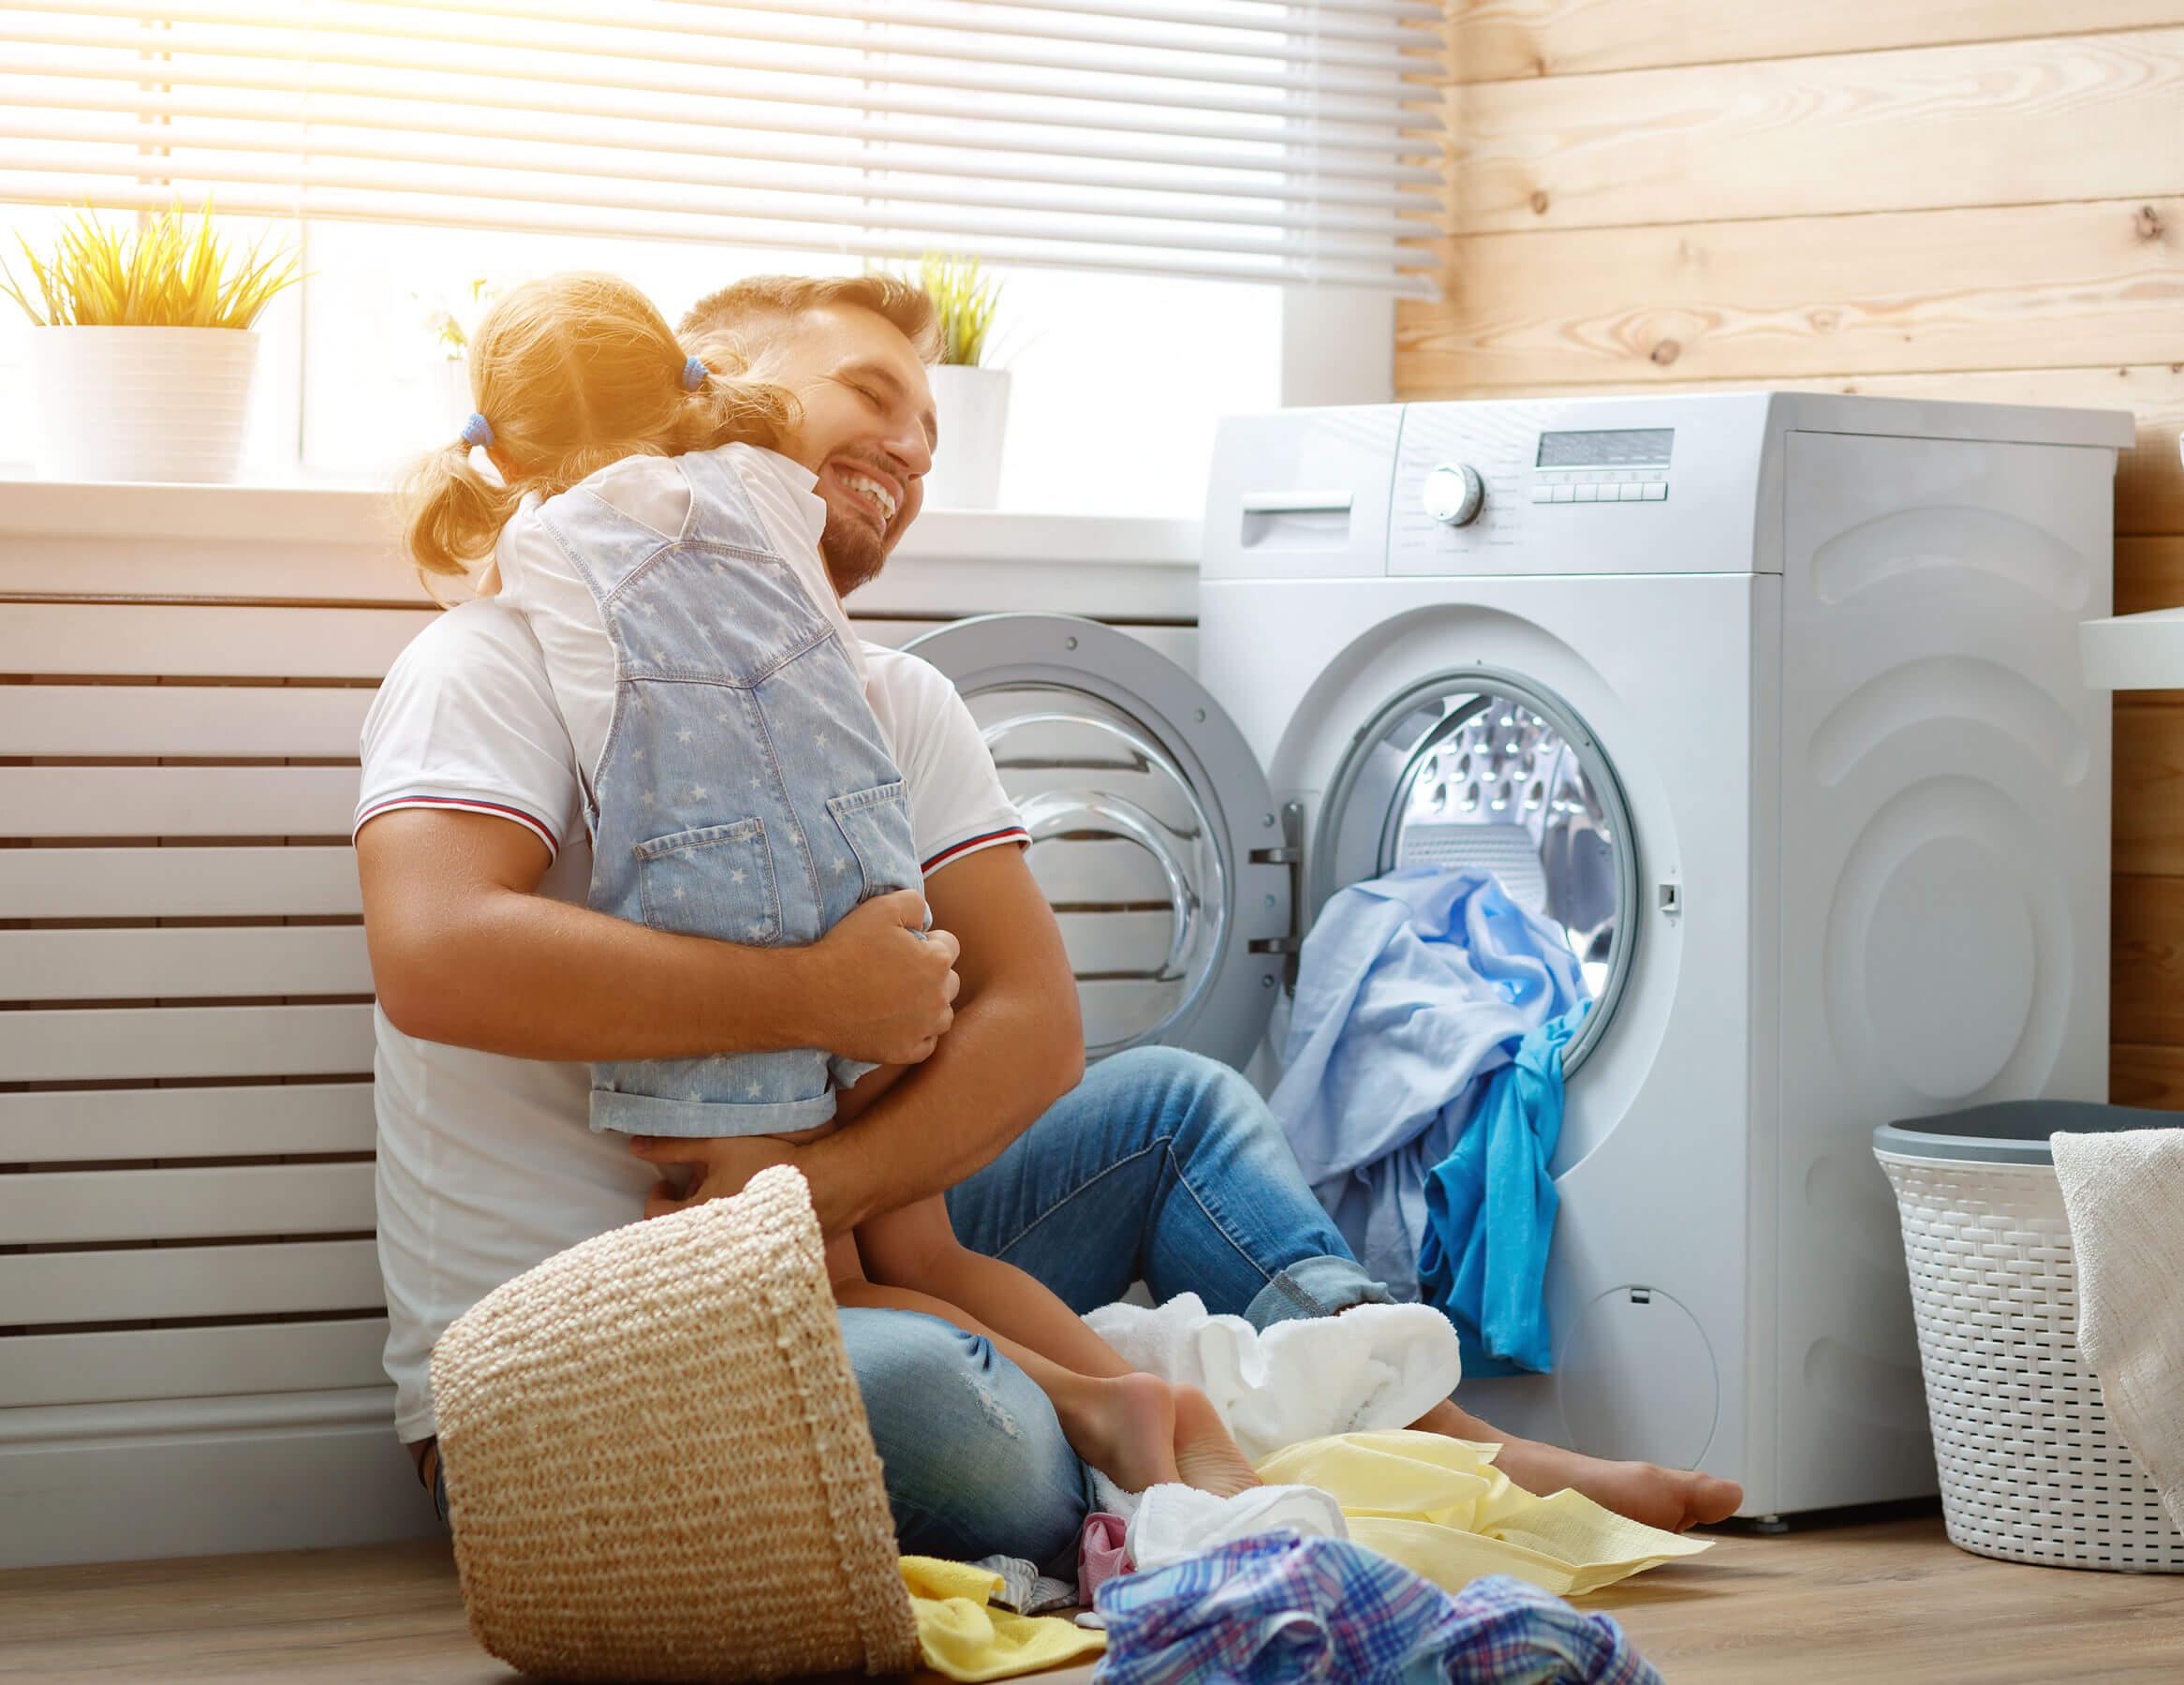 Padre con su hija poniendo una lavadora como parte de las normas de casa.